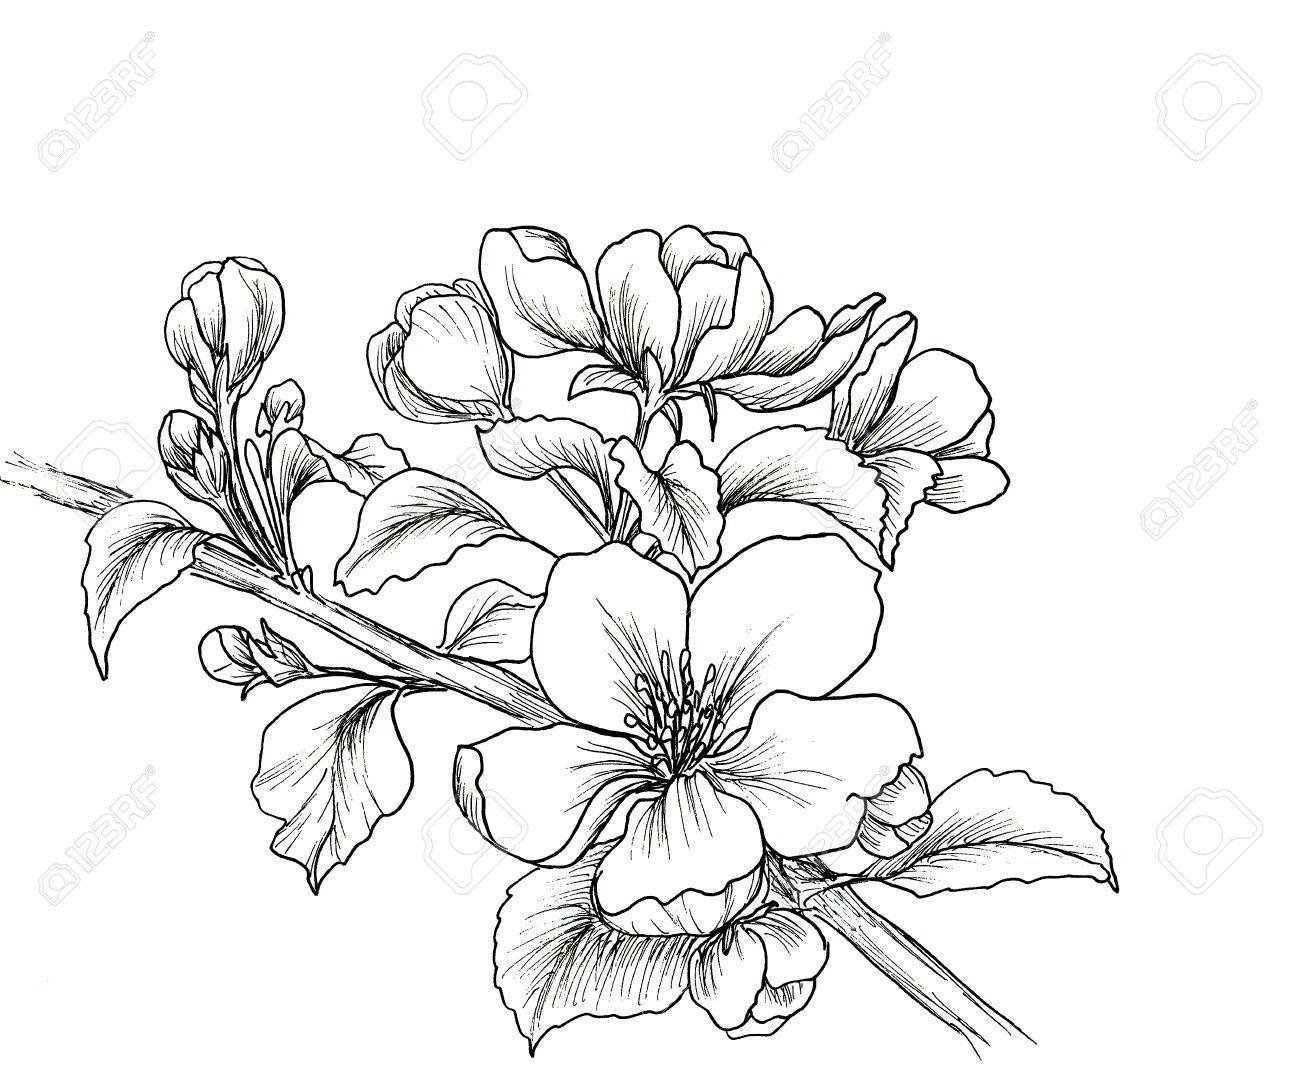 Dessin De Fleur En Noir Et Blanc Signe Infiny Main Branche